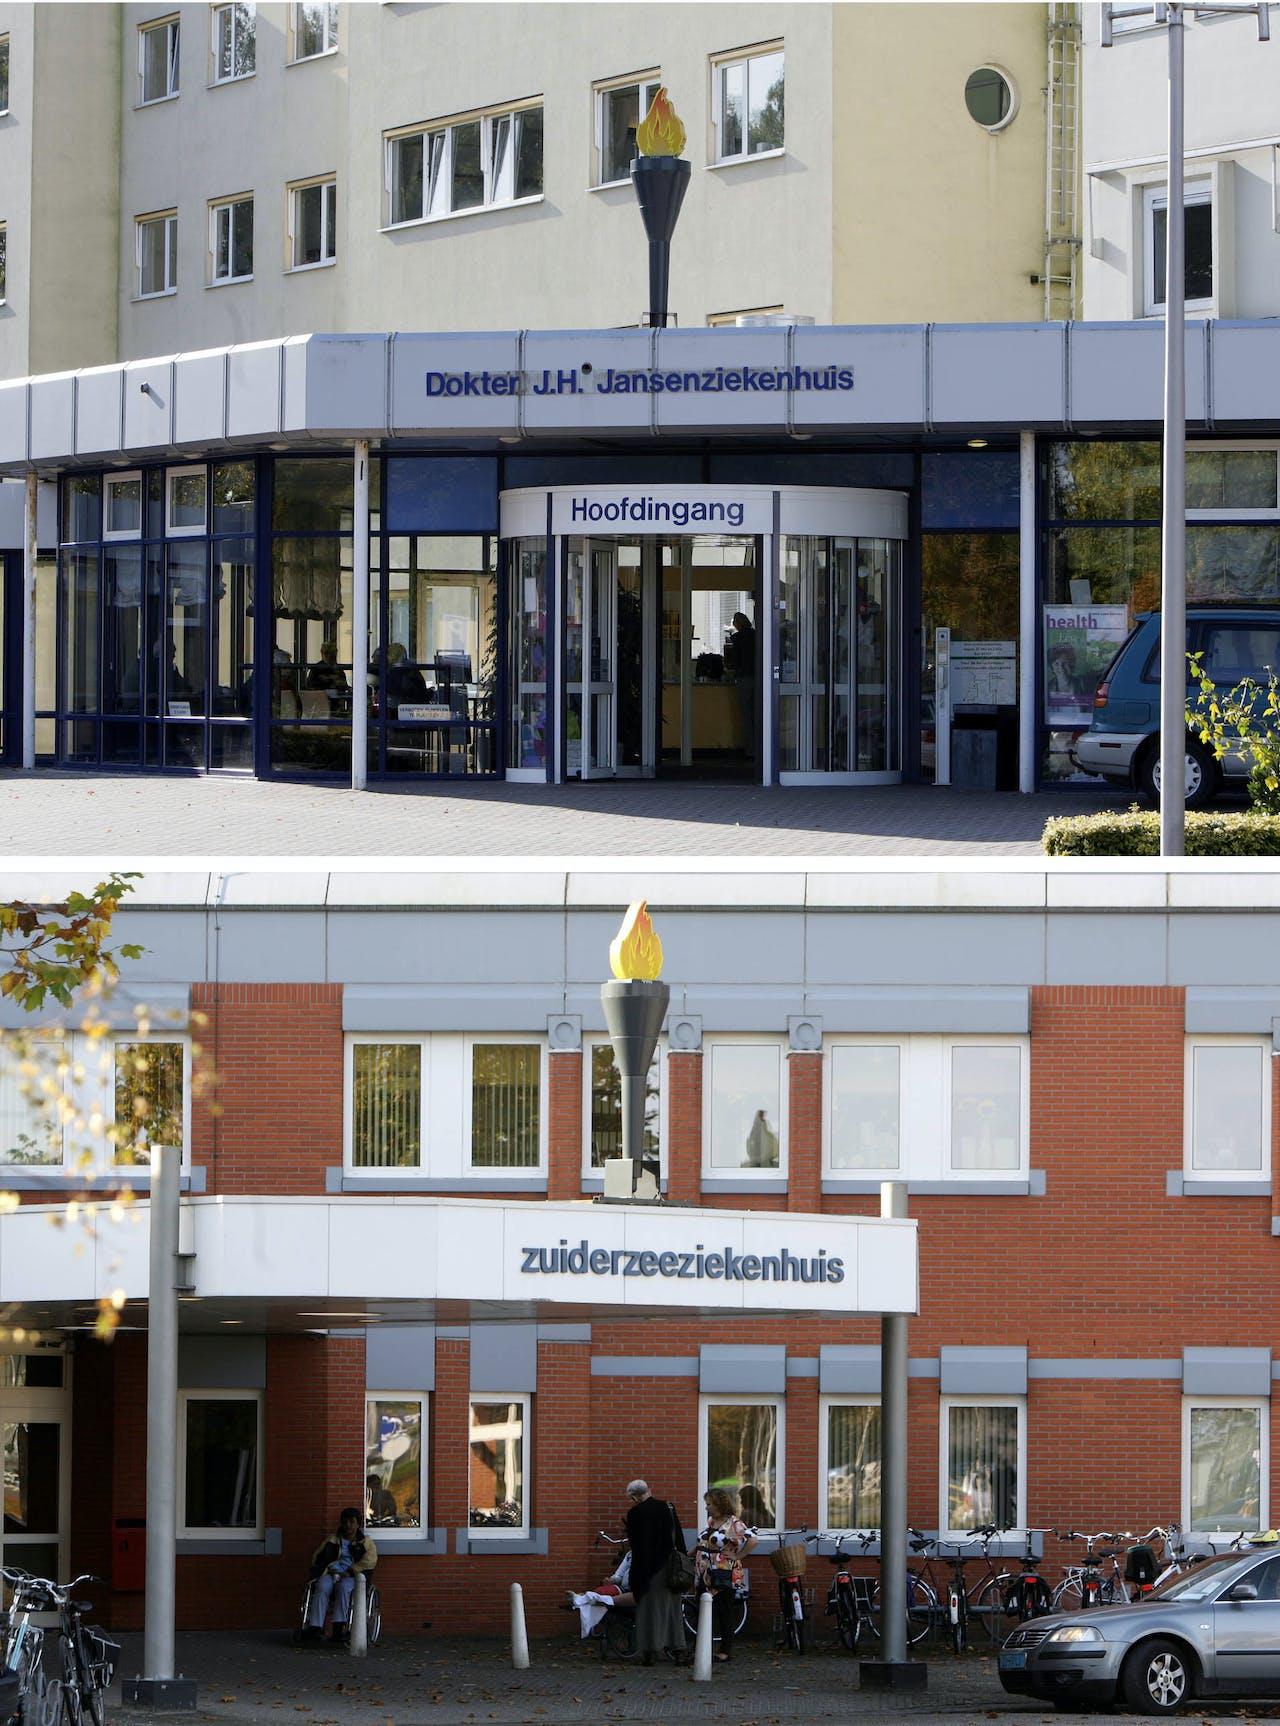 De noodlijdende IJsselmeerziekenhuizen in Lelystad (onder) en Emmeloord (boven). ANP PHOTO VINCENT JANNINK